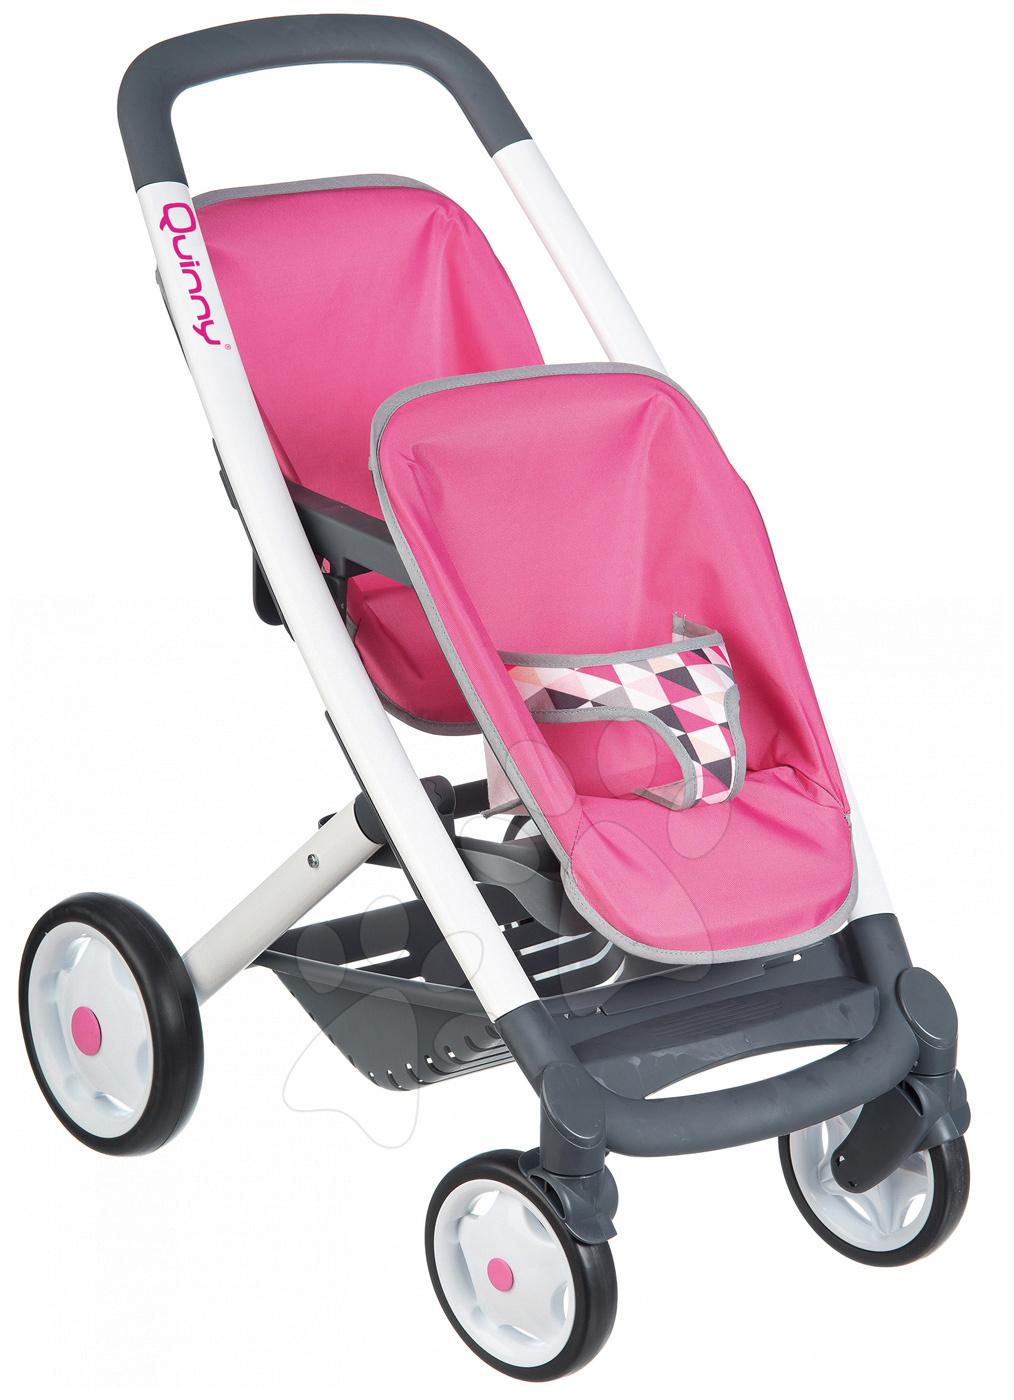 Smoby detský kočiarik pre dve bábiky Maxi Cosi&Quinny 253297 ružový